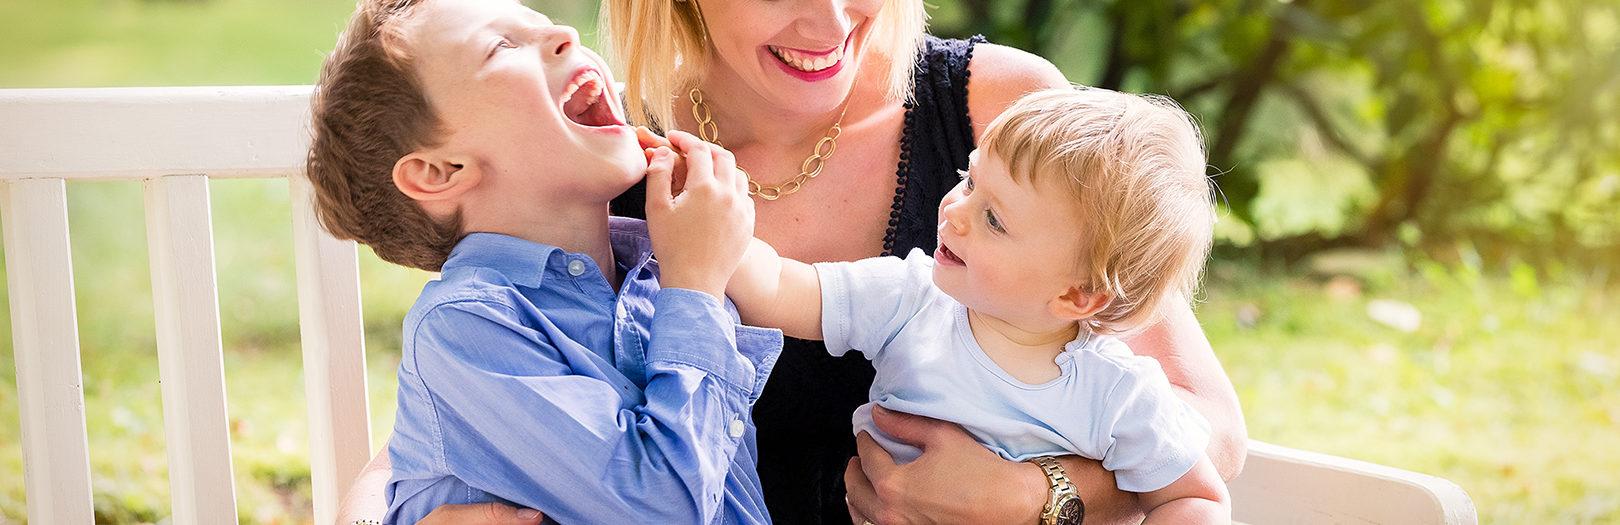 Jak się przygotować do rodzinnej sesji zdjęciowej